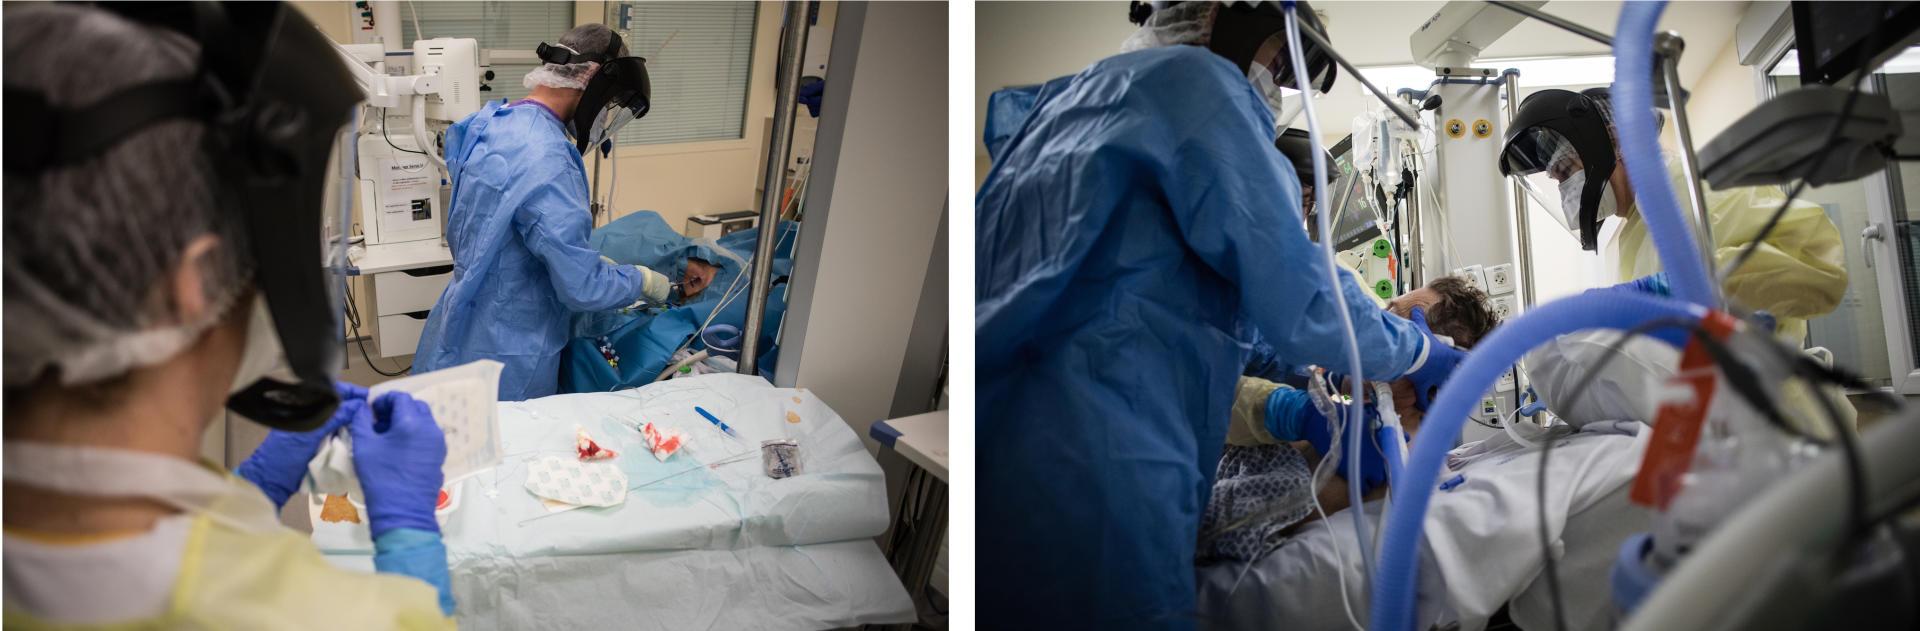 22 h 26. Le réanimateur de garde met en place un cathéter veineux jugulaire interne pour administrer les médicaments nécessaires au patient 42. Il est assisté par une aide-soignante.